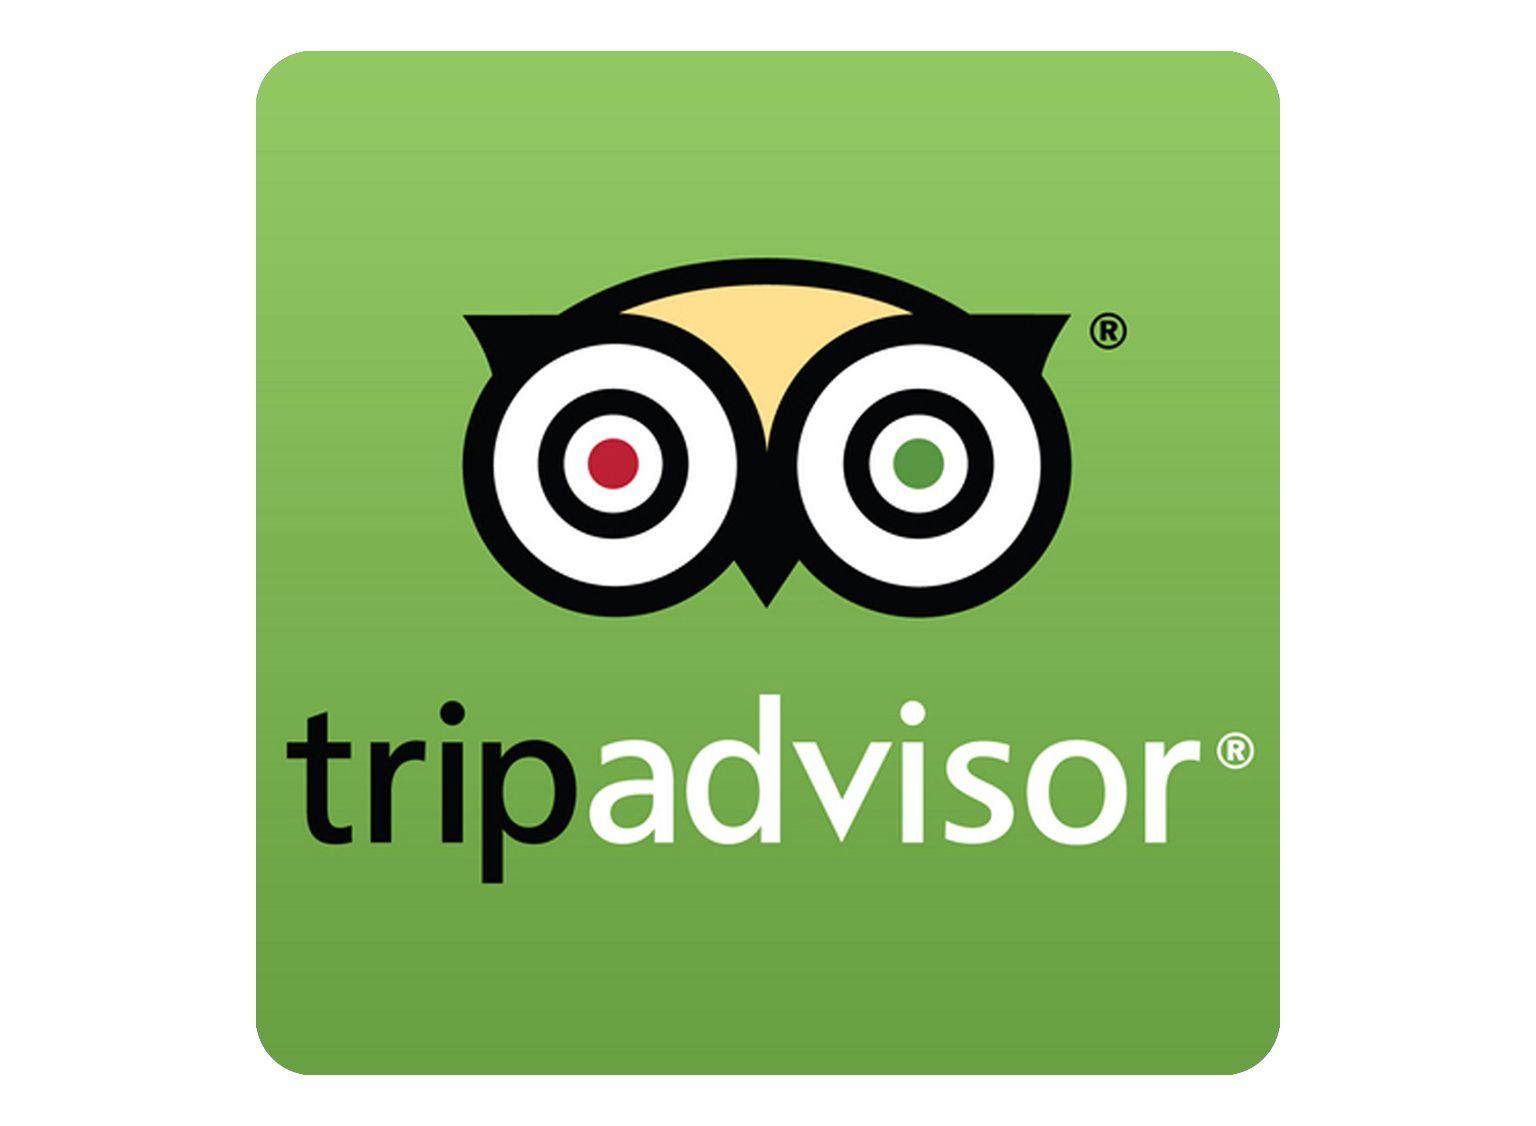 net promoter score- TRIPADVISOR